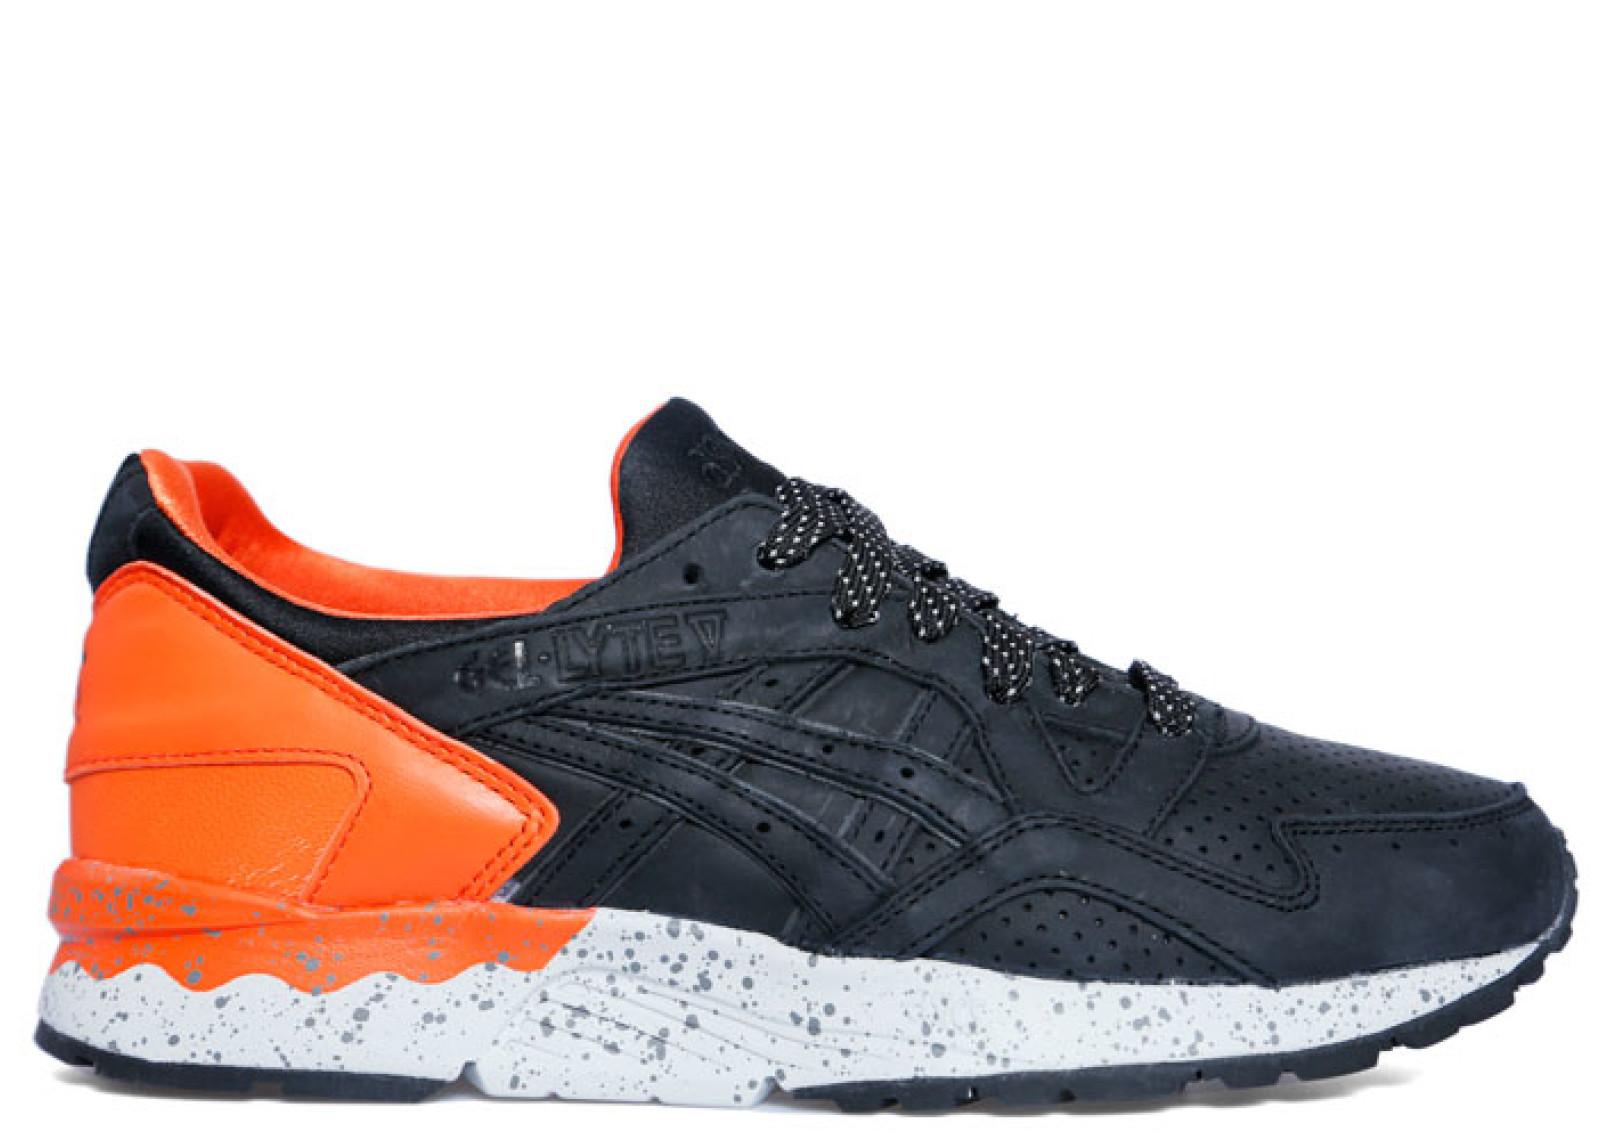 アシックス フラッグ メンズ 男性用 メンズ靴 スニーカー 靴 【 ASICS GELLYTE 5 UNDEFEATED FALSE FLAG BLACK 】